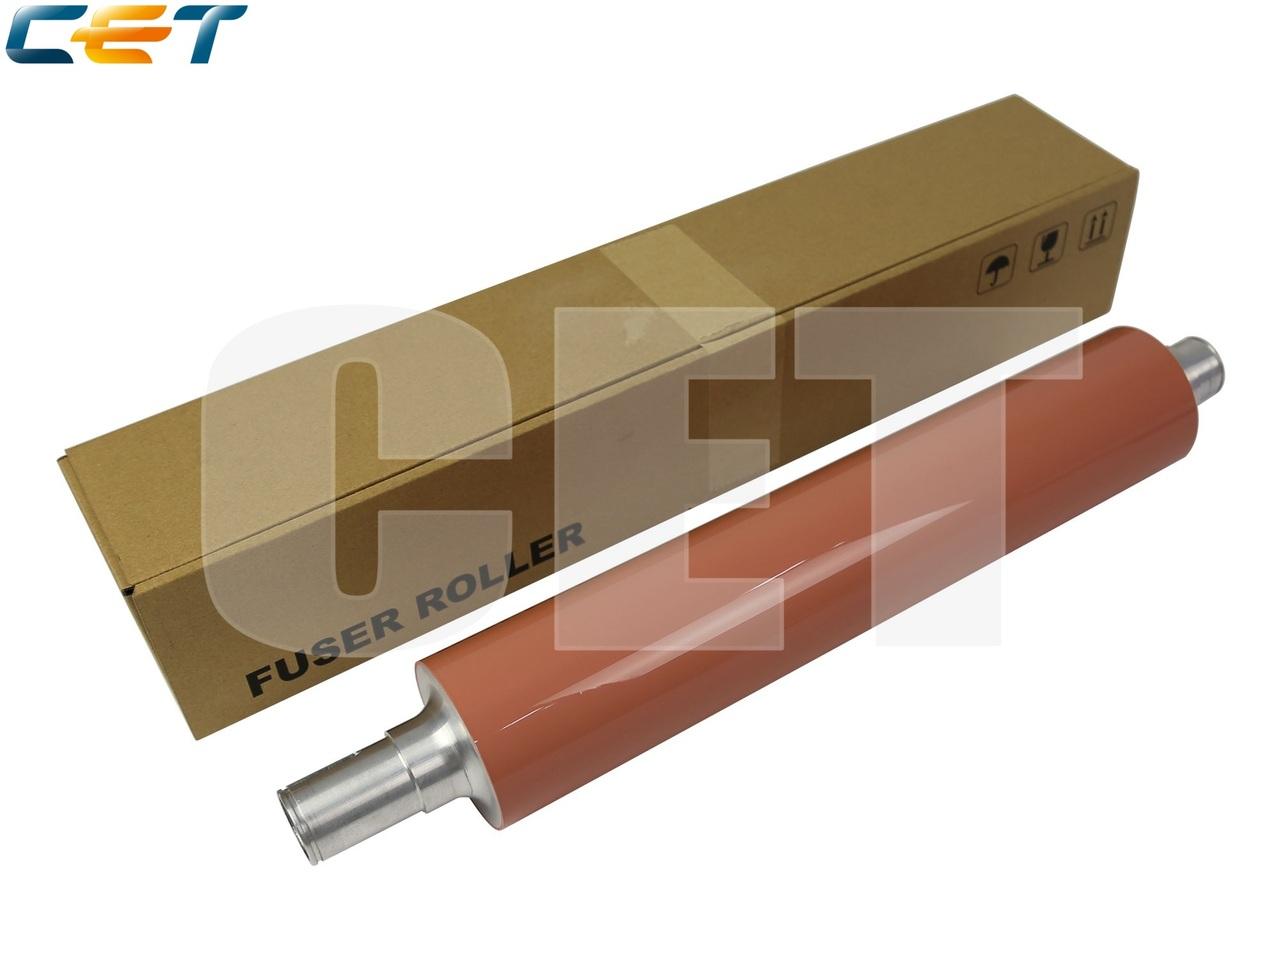 Тефлоновый вал A0G6730411, A0G6730400 для KONICAMINOLTA Bizhub PRESS 1052/1250/1250P (CET), CET7077